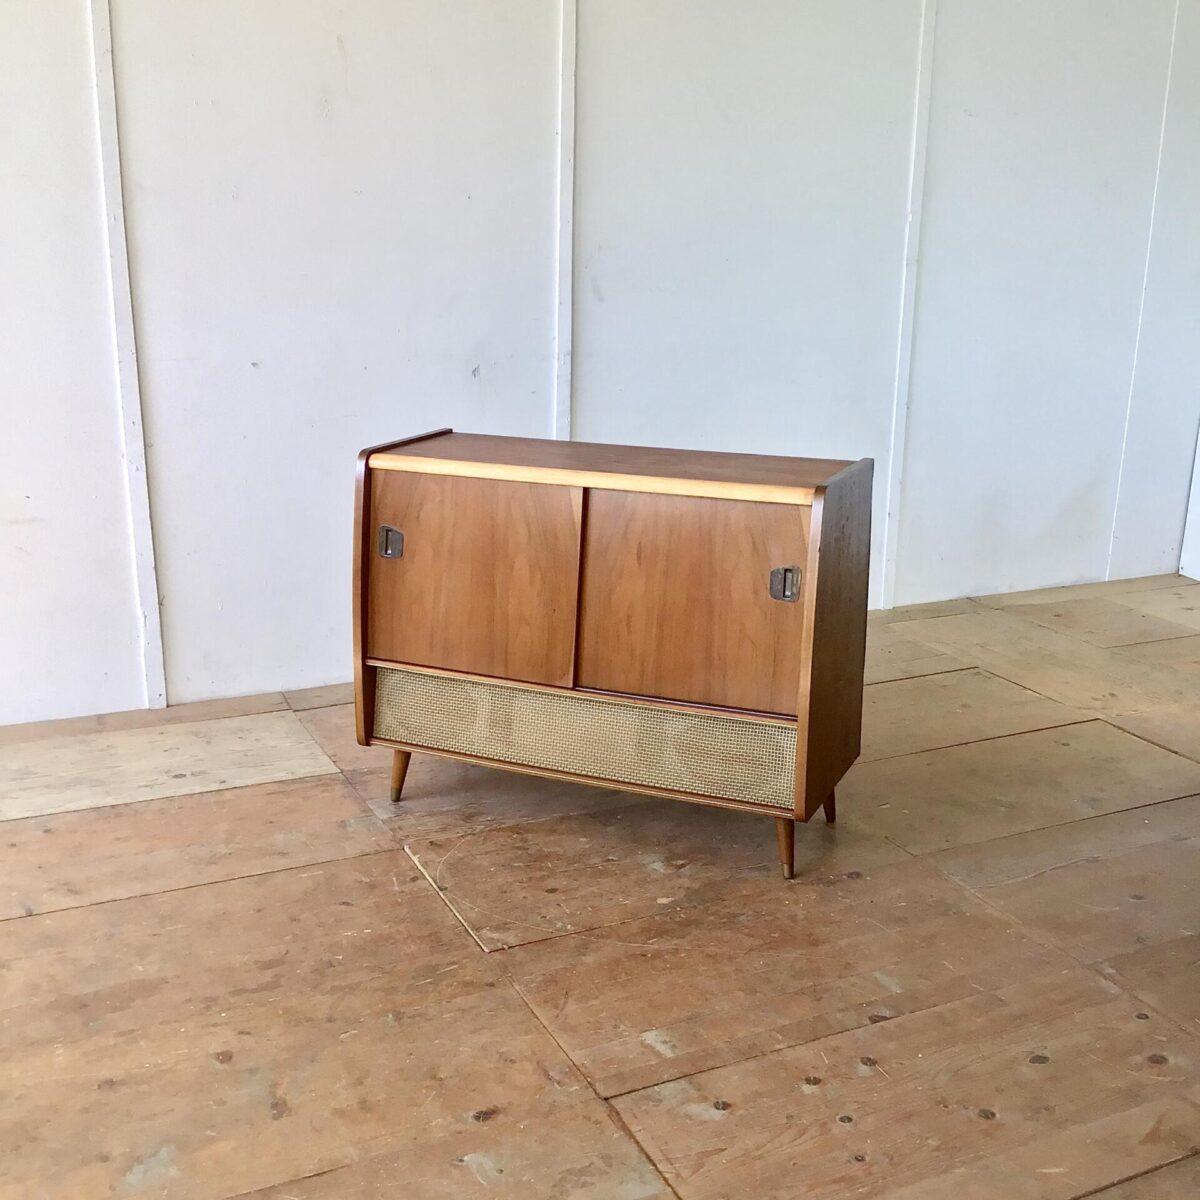 Altes Radiomöbel mit zwei Schiebetüren. Das Möbel ist, bis auf die Lautsprecher, ausgeschlachtet. Es kann gut als Sideboard mit etwas Stauraum verwendet werden.